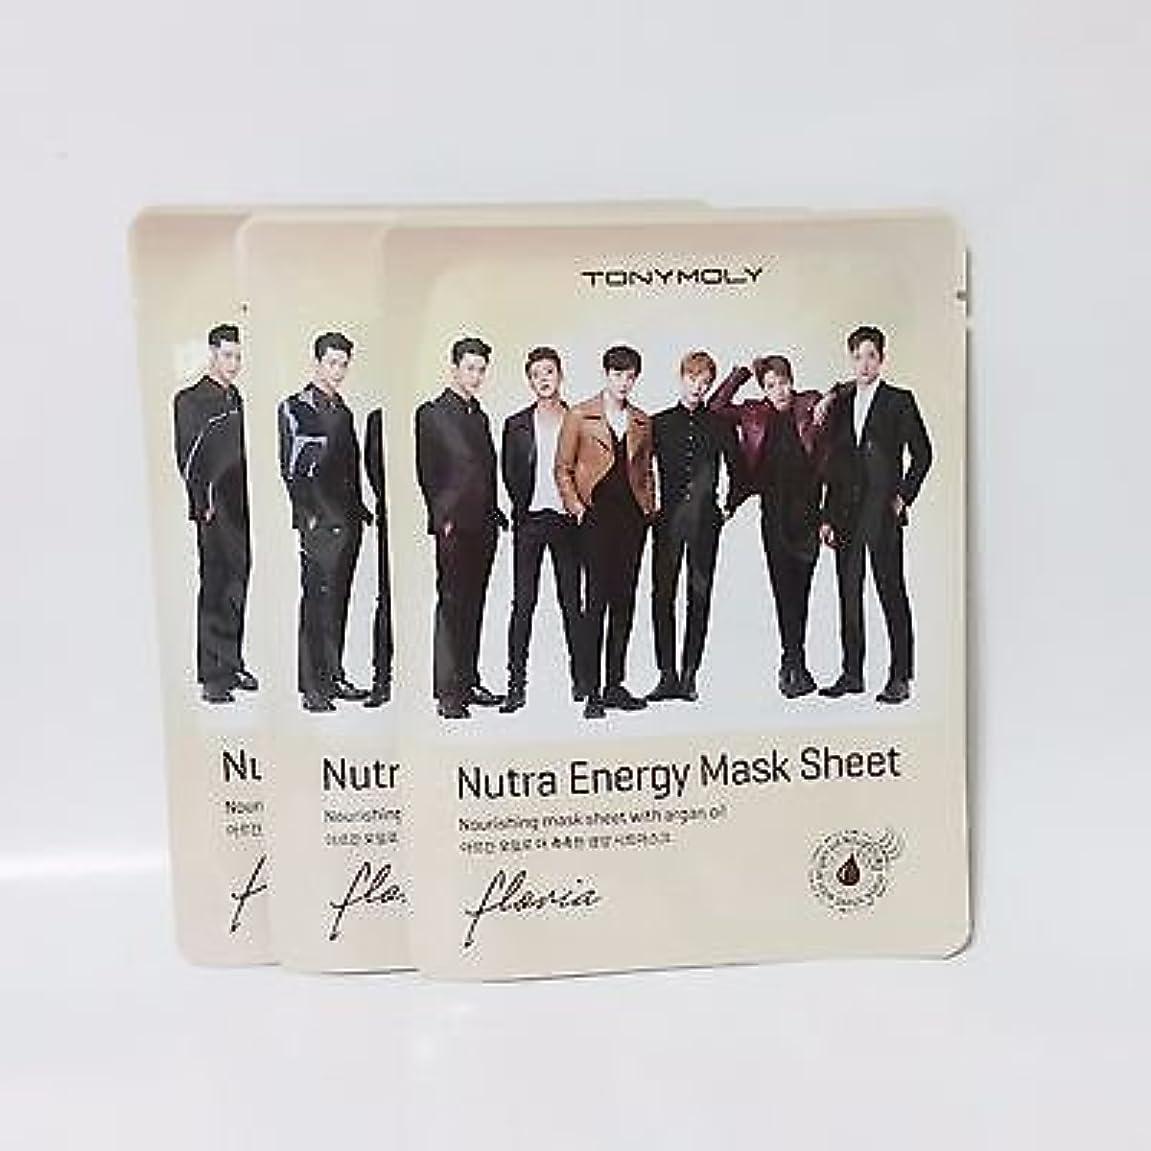 チョコレートアルバムワーディアンケースTONY MOLY トニーモリー ニュートラ エナジーマスクシート NUTRA-ENERGY MASK SHEET (20g) [並行輸入品]